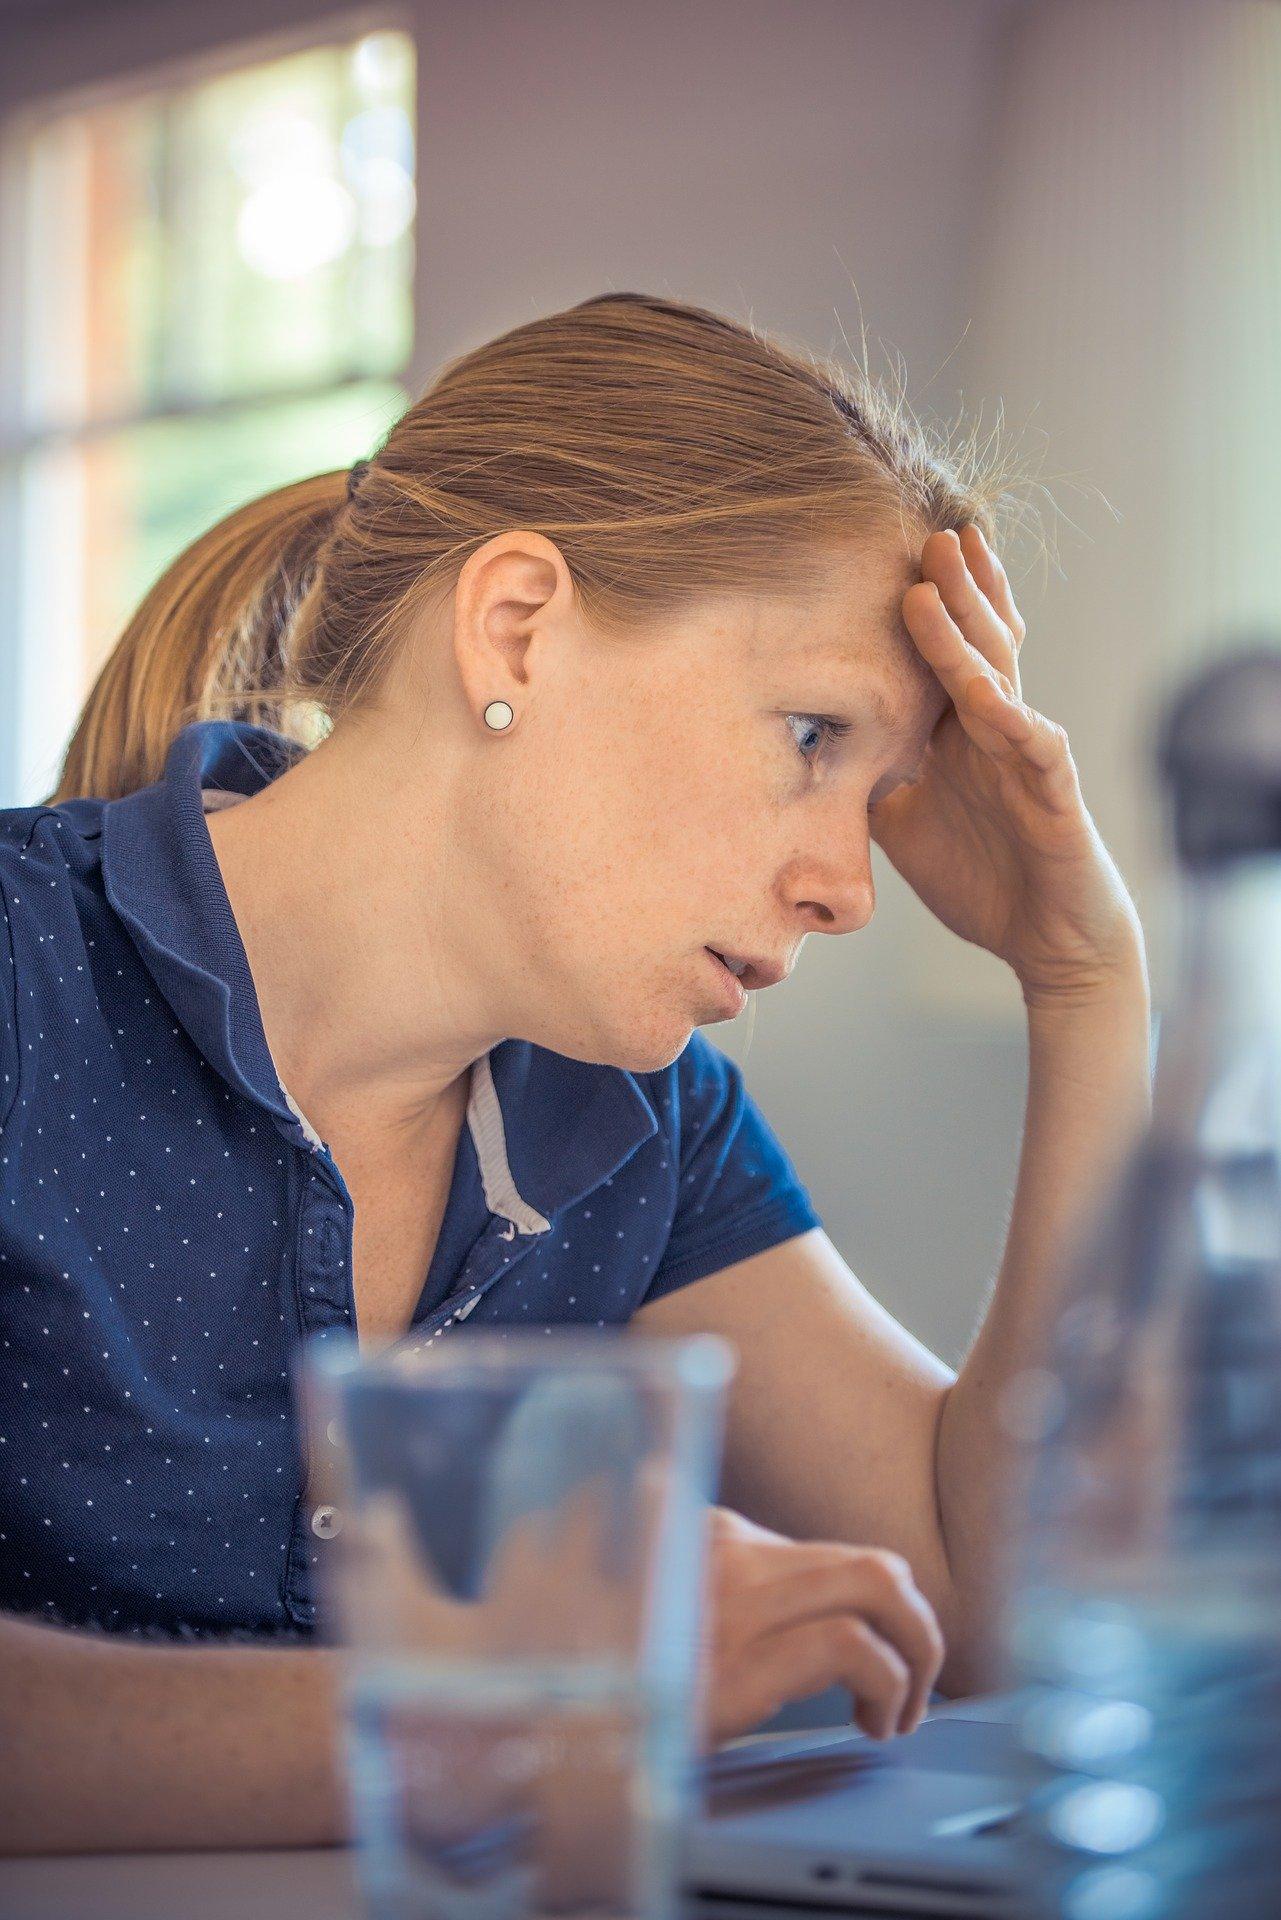 træt kvinde ved computer